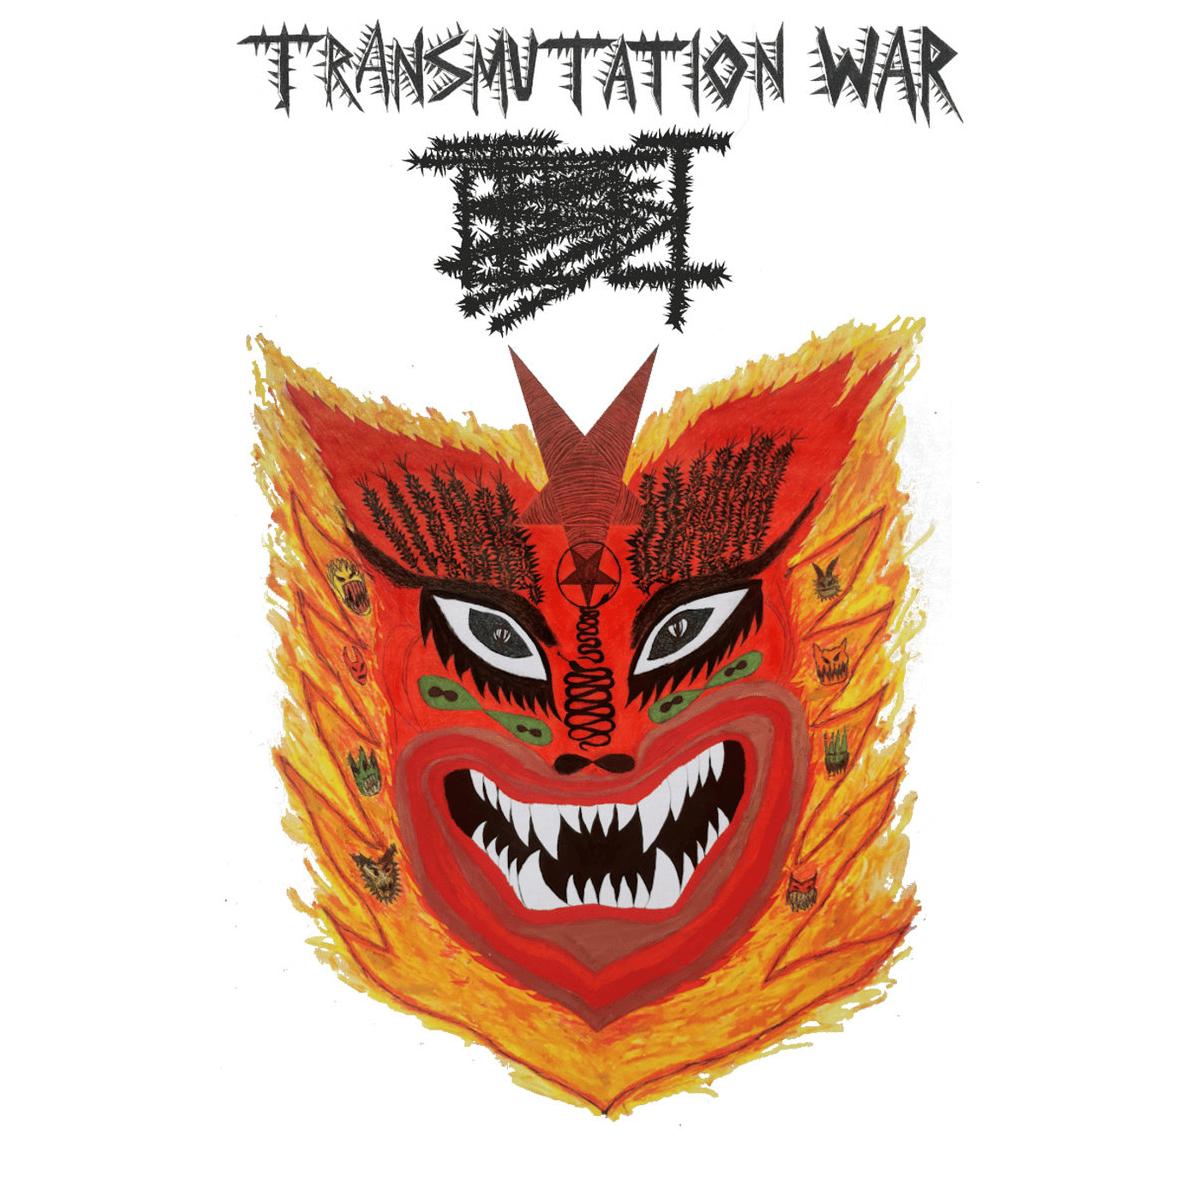 WAXGOAT155 Tsalal (Can) - Transmutation War - LP